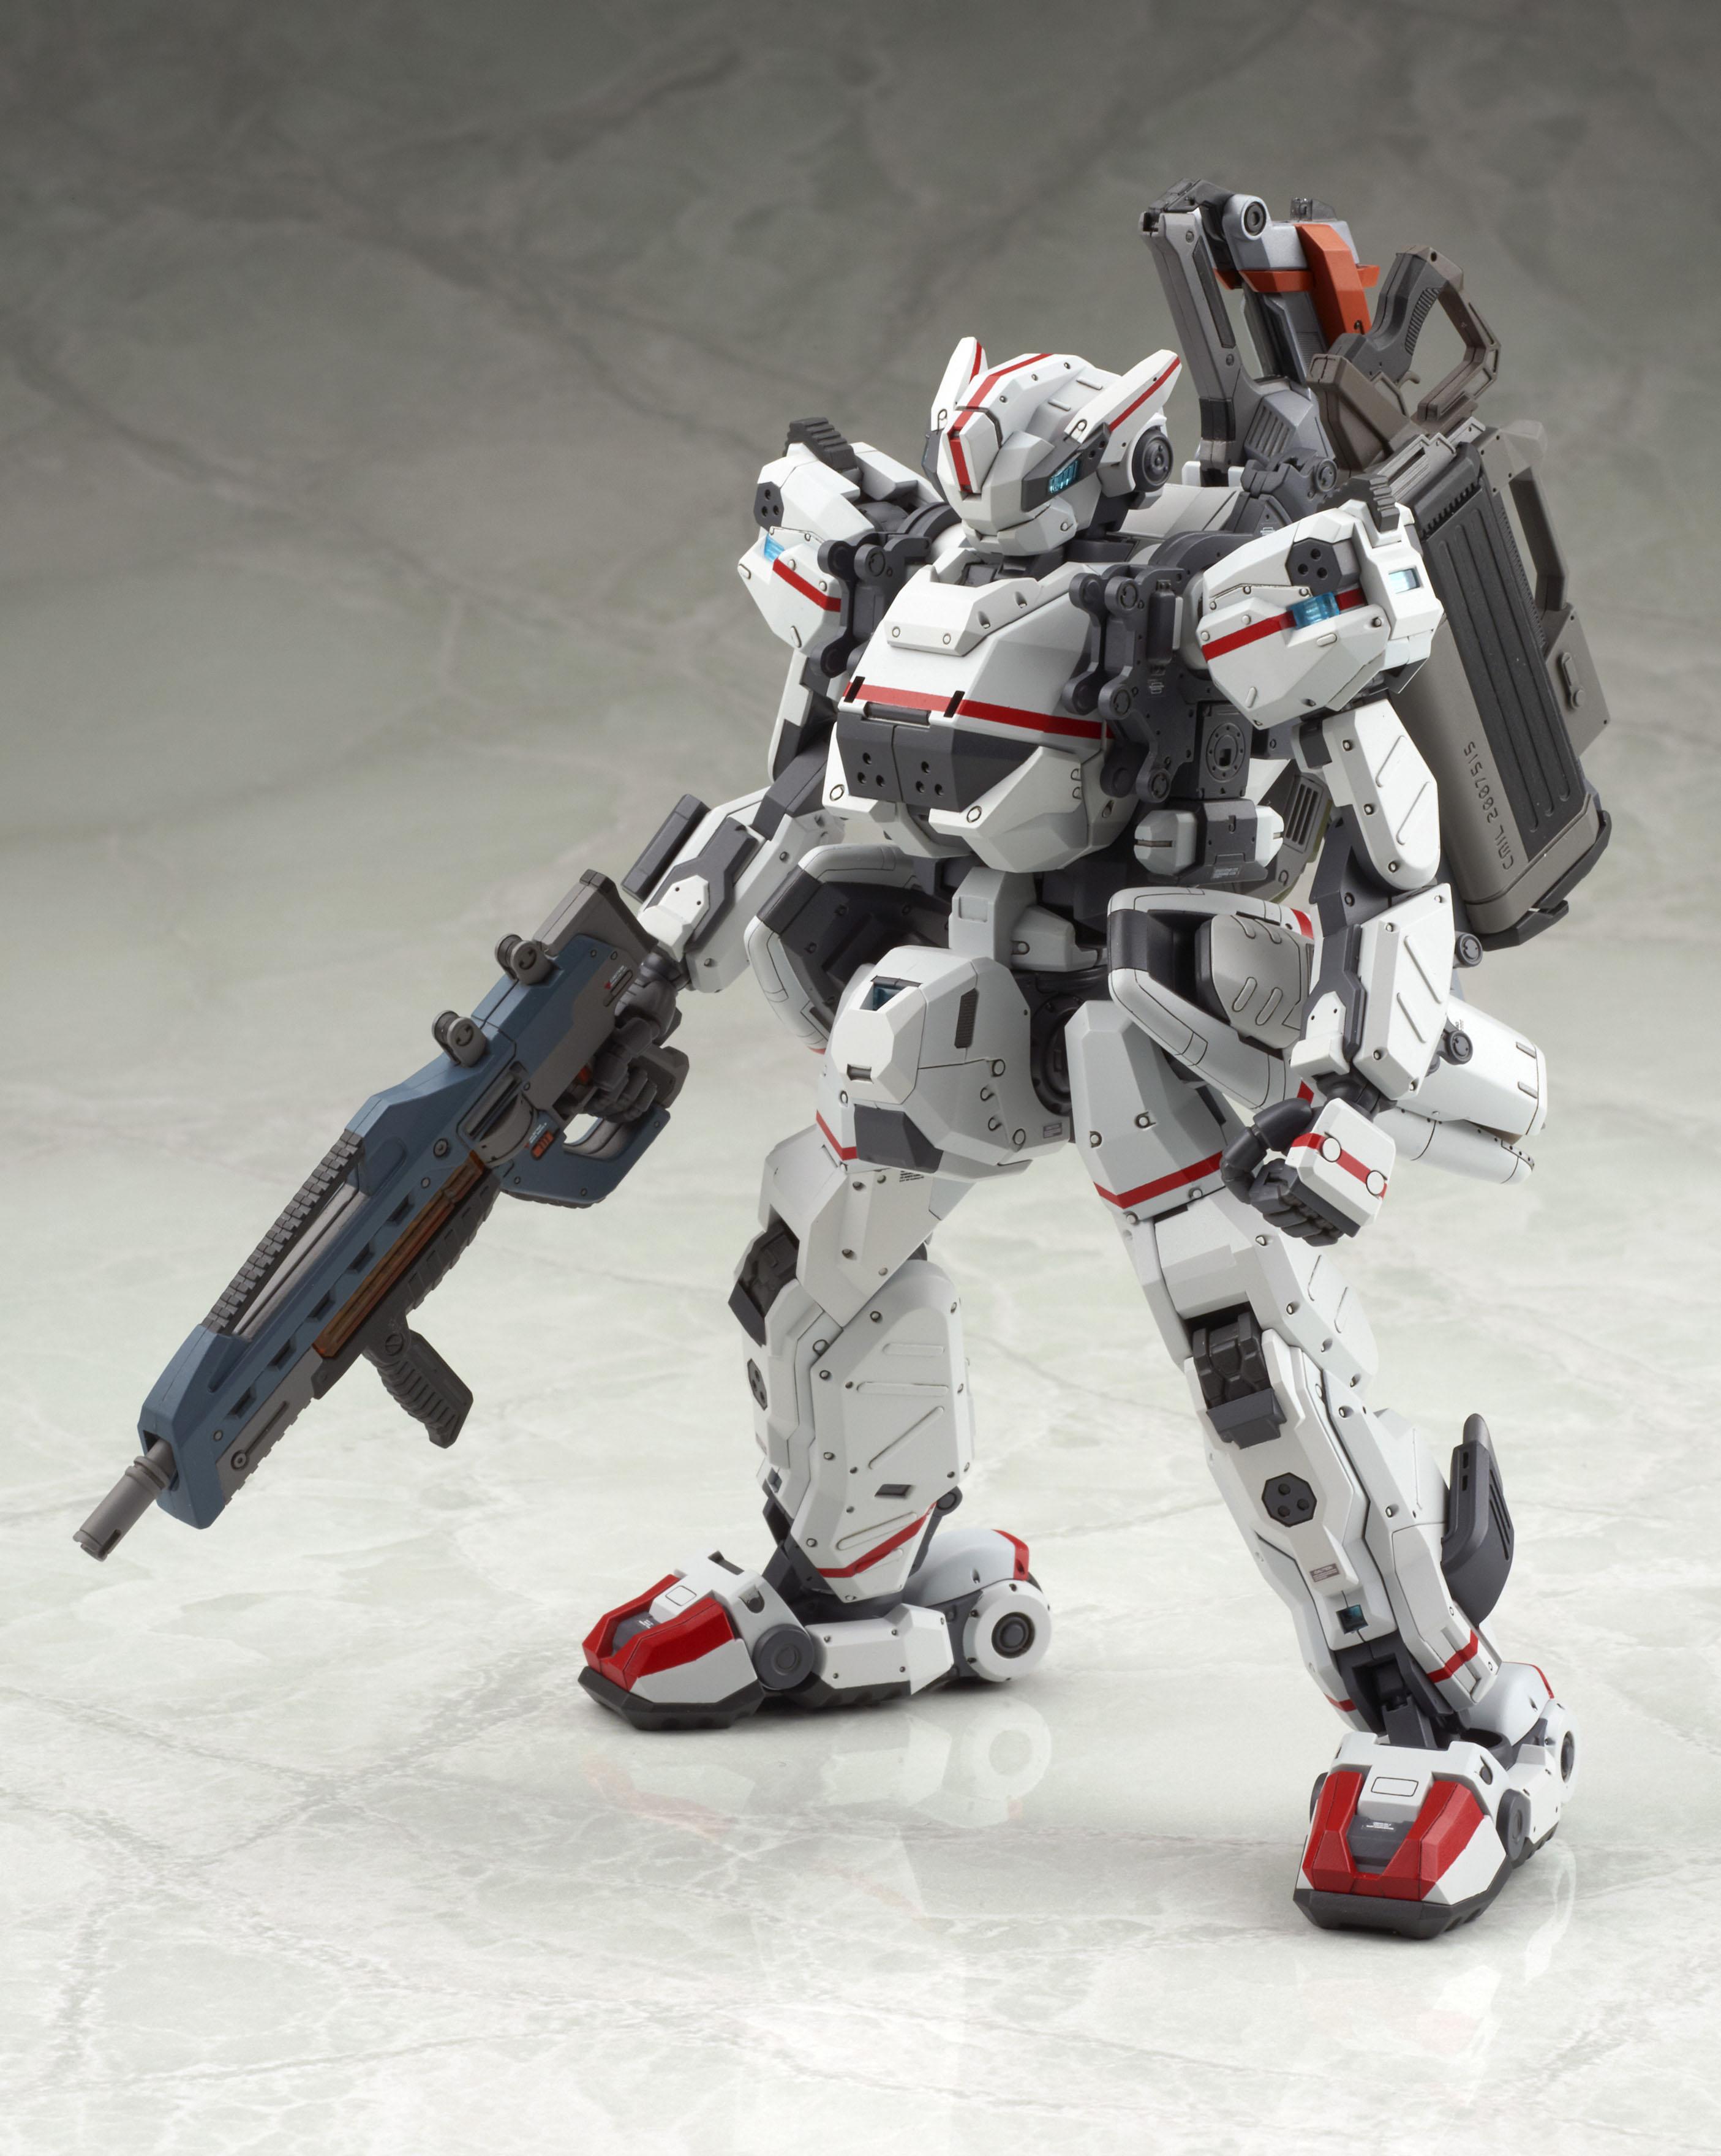 クーガーNX 強襲兵装 セガVer.の展示も予定